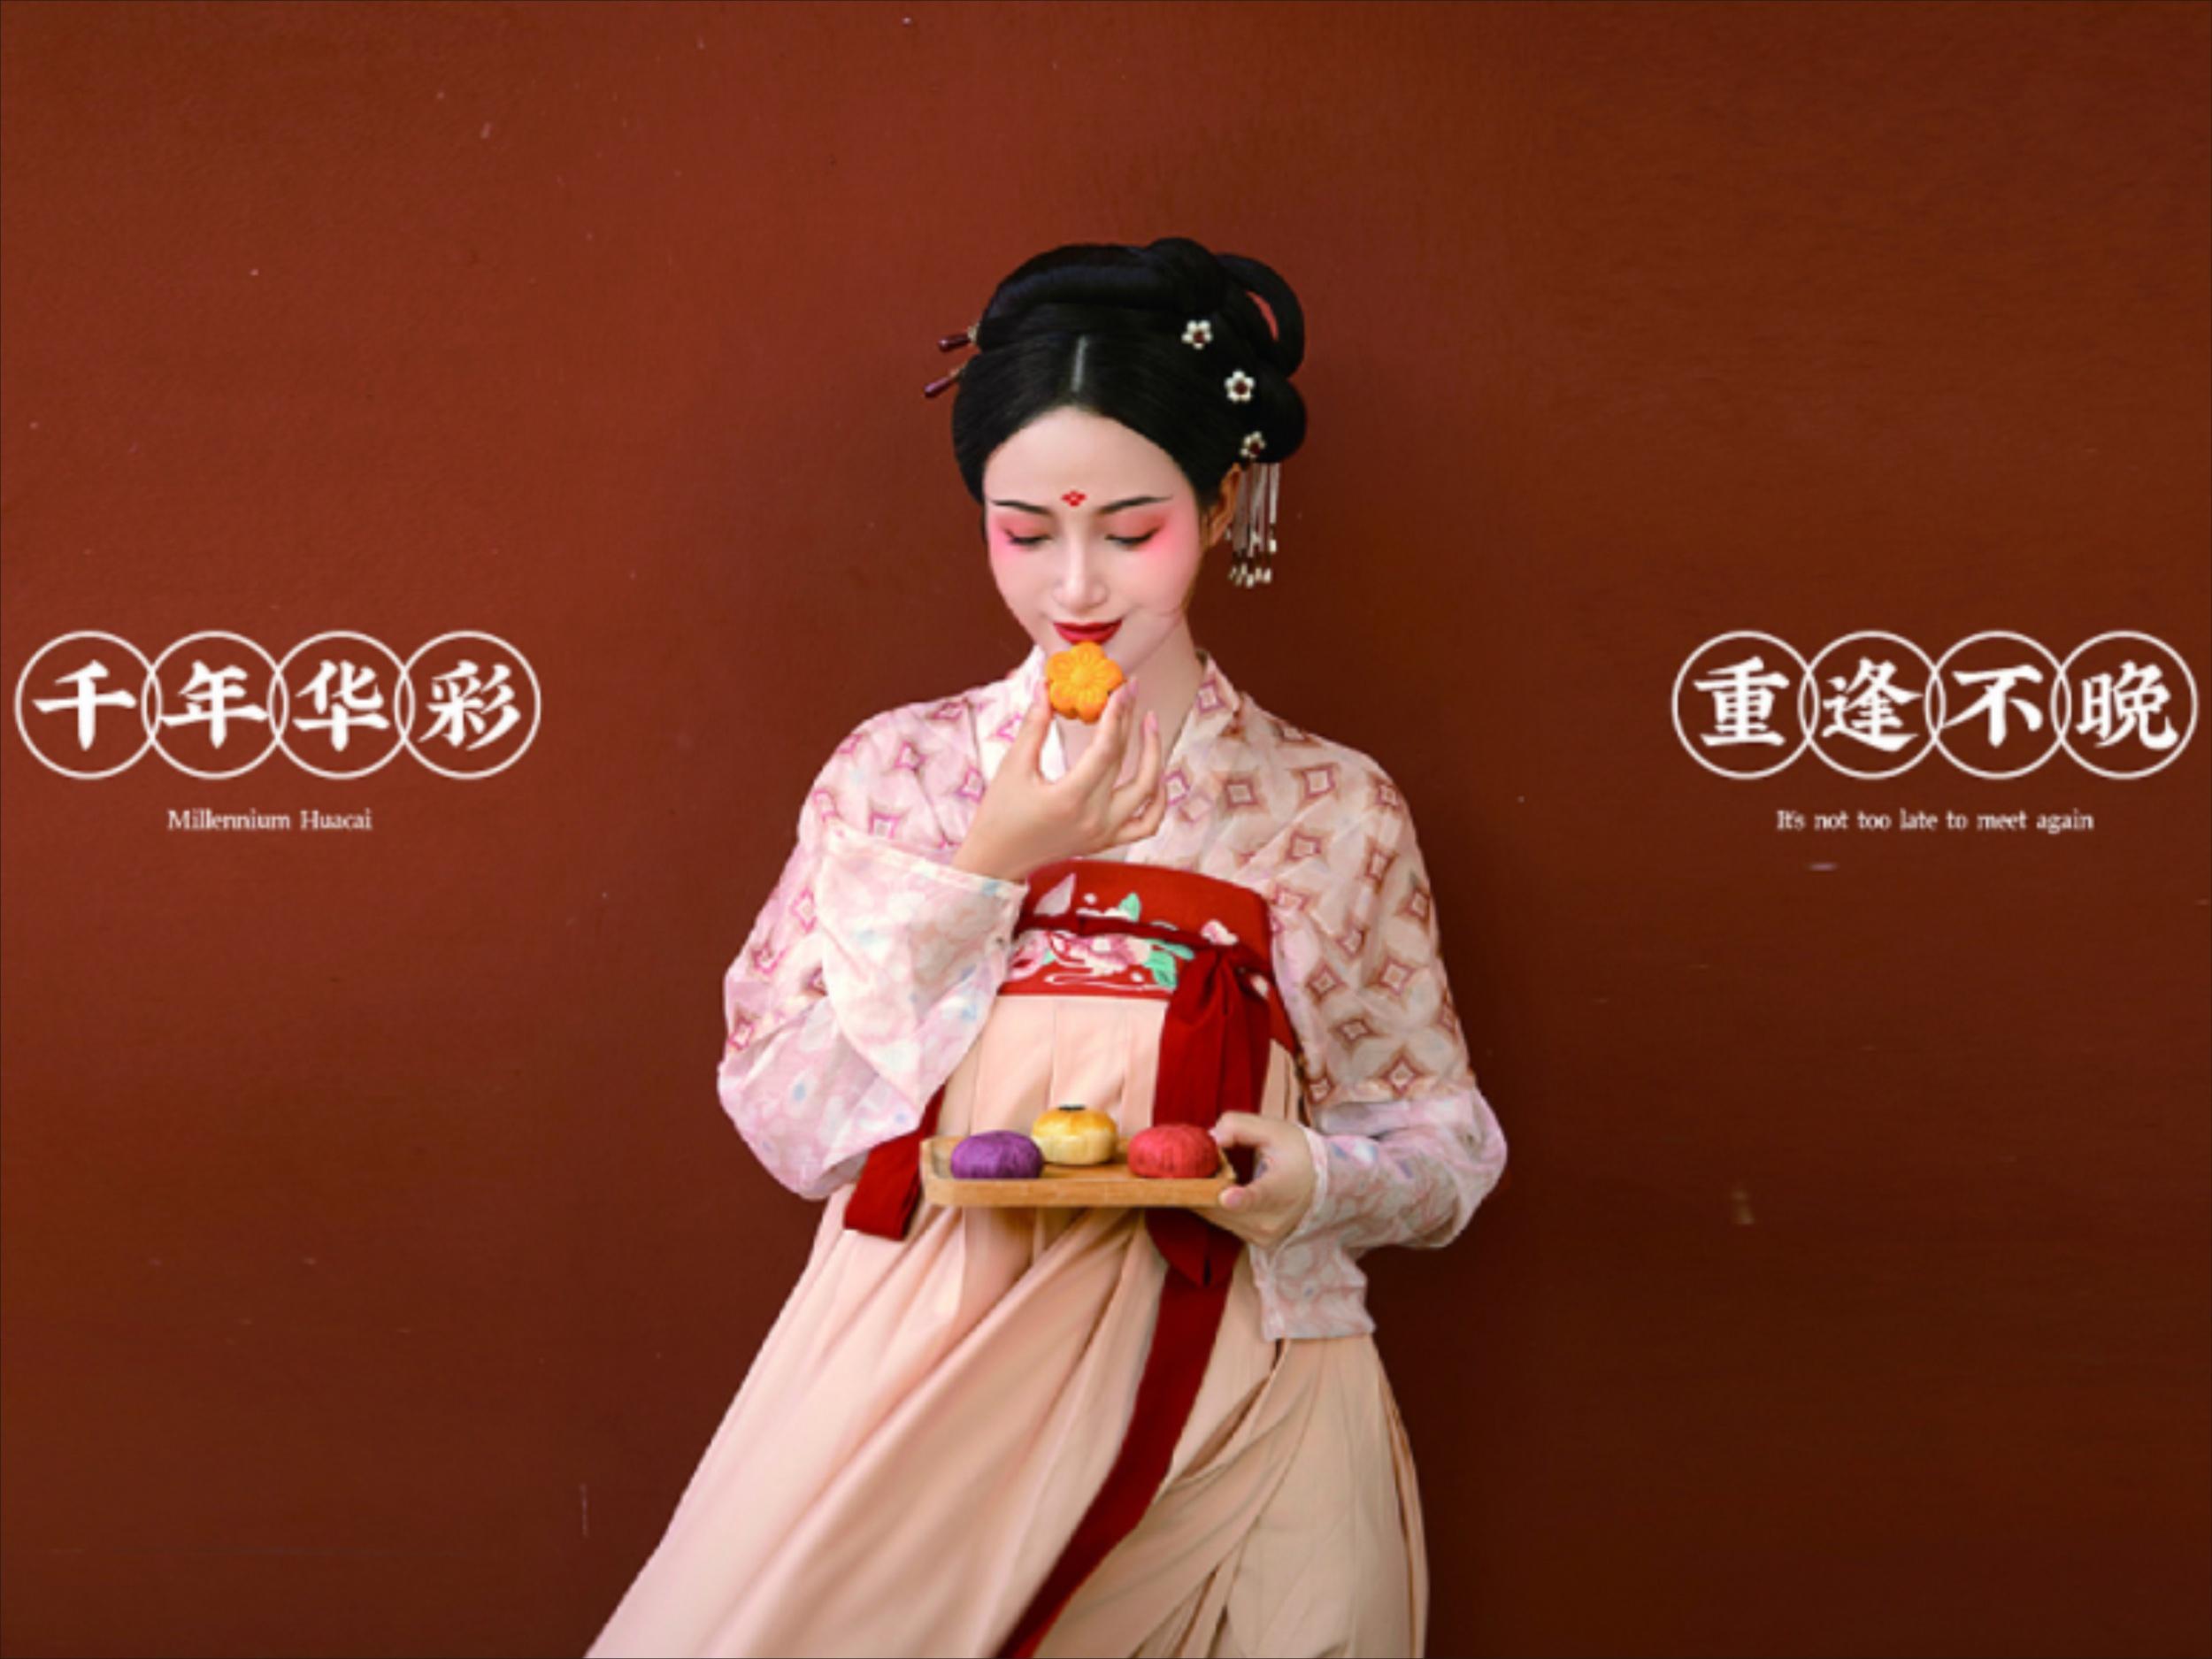 郑州有成斋产品包装设计 唯美古风  满满秋味儿